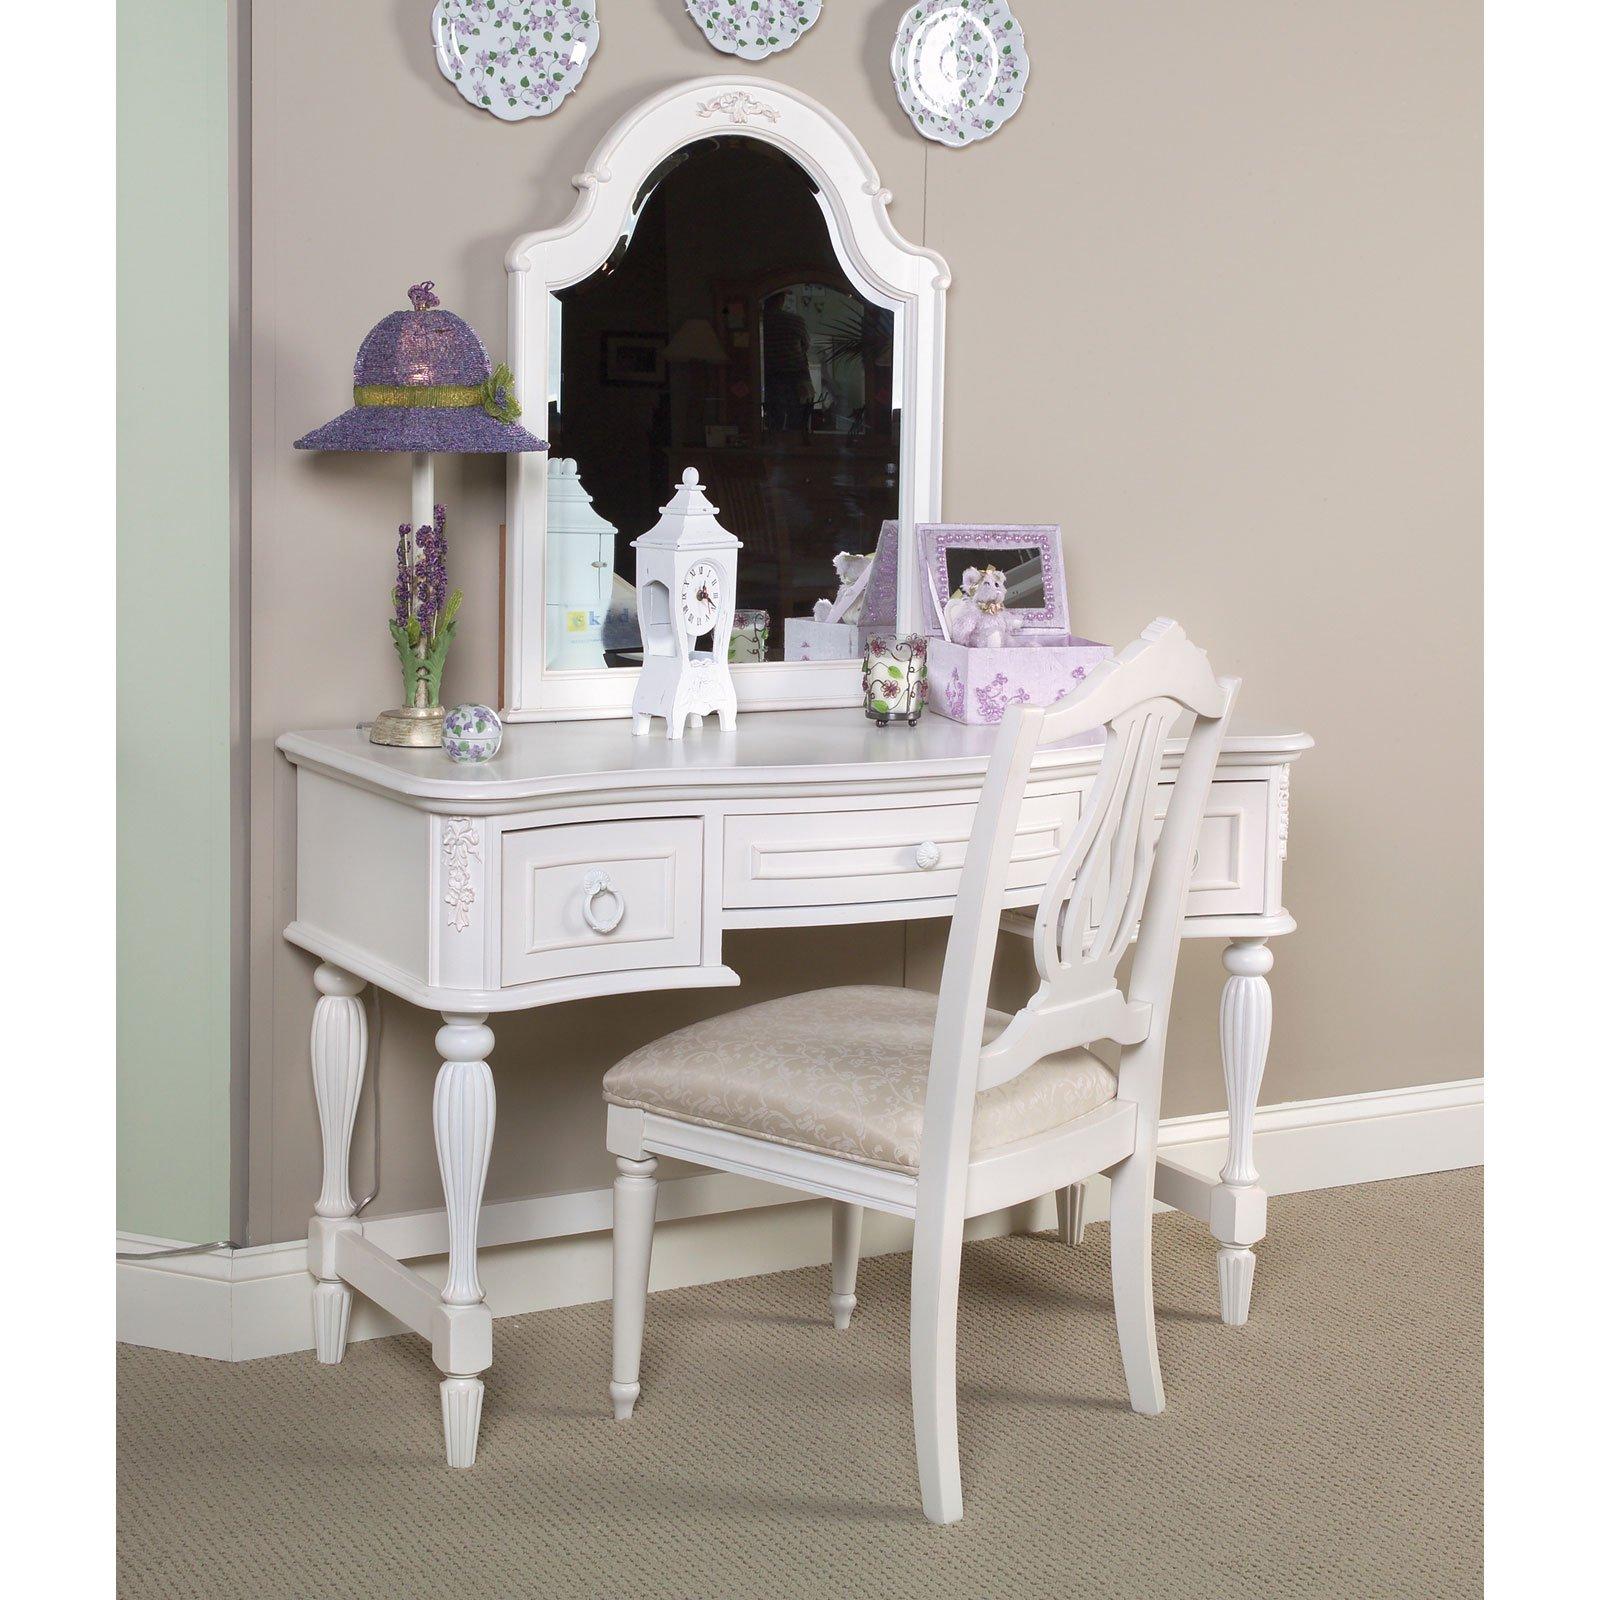 Luxury Bedroom Vanity | Future Dream House Design